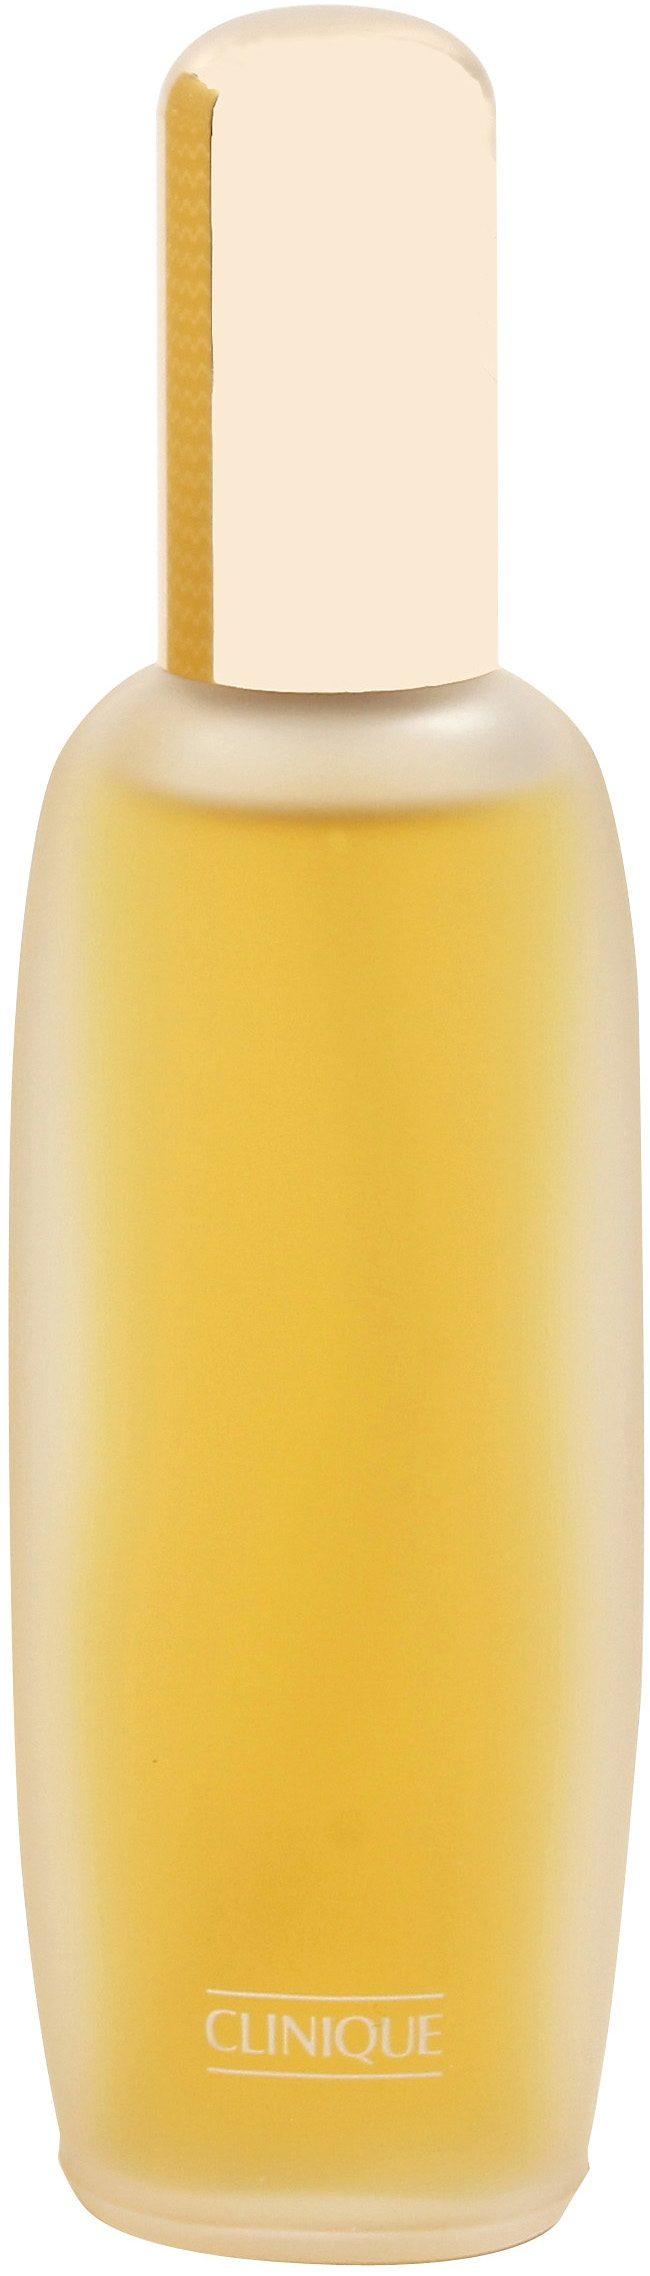 Clinique, »Aromatics Elixir«, Eau de Parfum